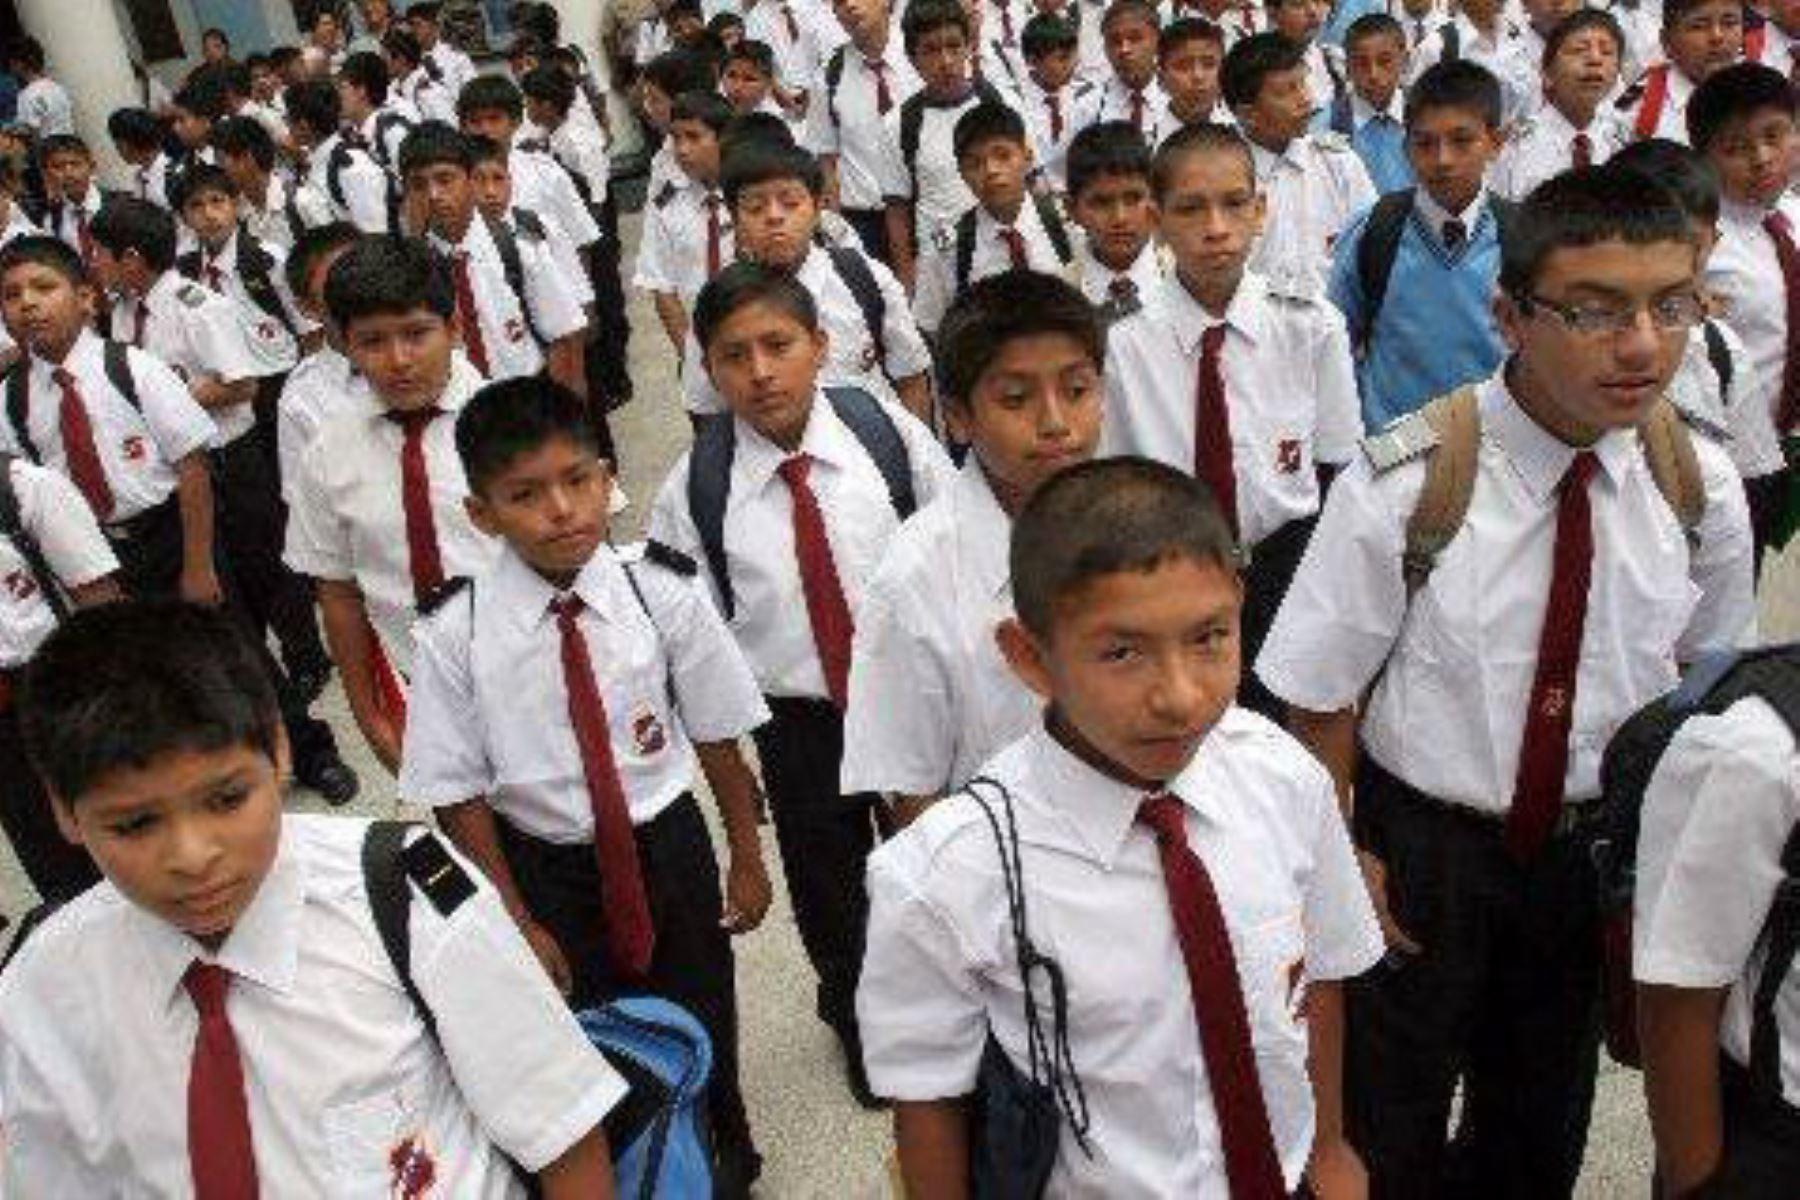 Cerca de 12,000 escolares de la provincia de Islay, en Arequipa, se verían perjudicados con el anunciado paro. ANDINA/archivo